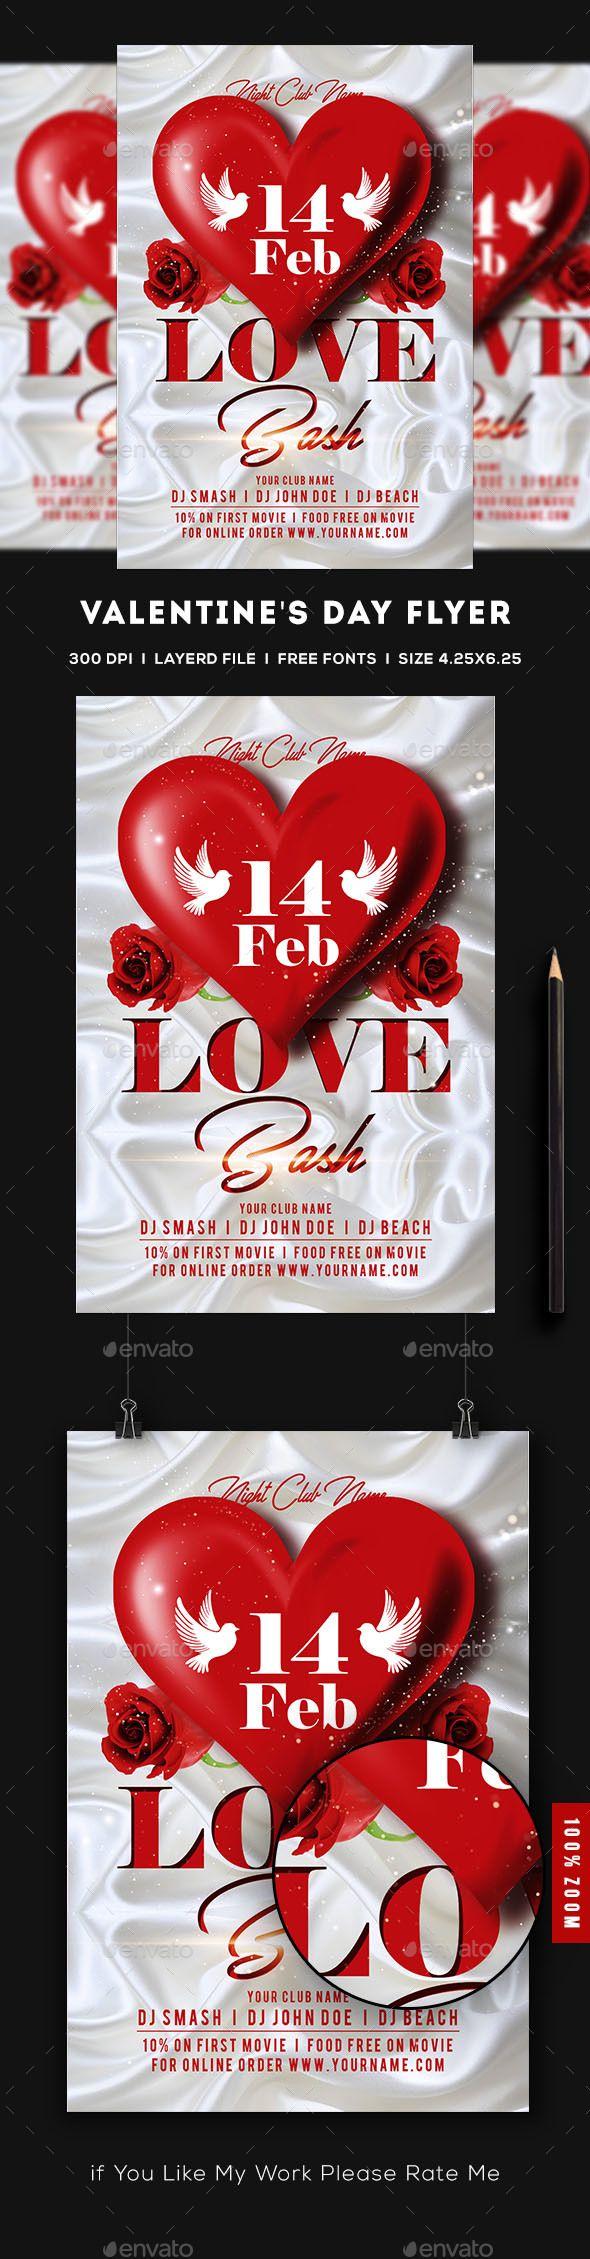 Valentines Day Flyer Flyers Print Templates Flyer Pinterest